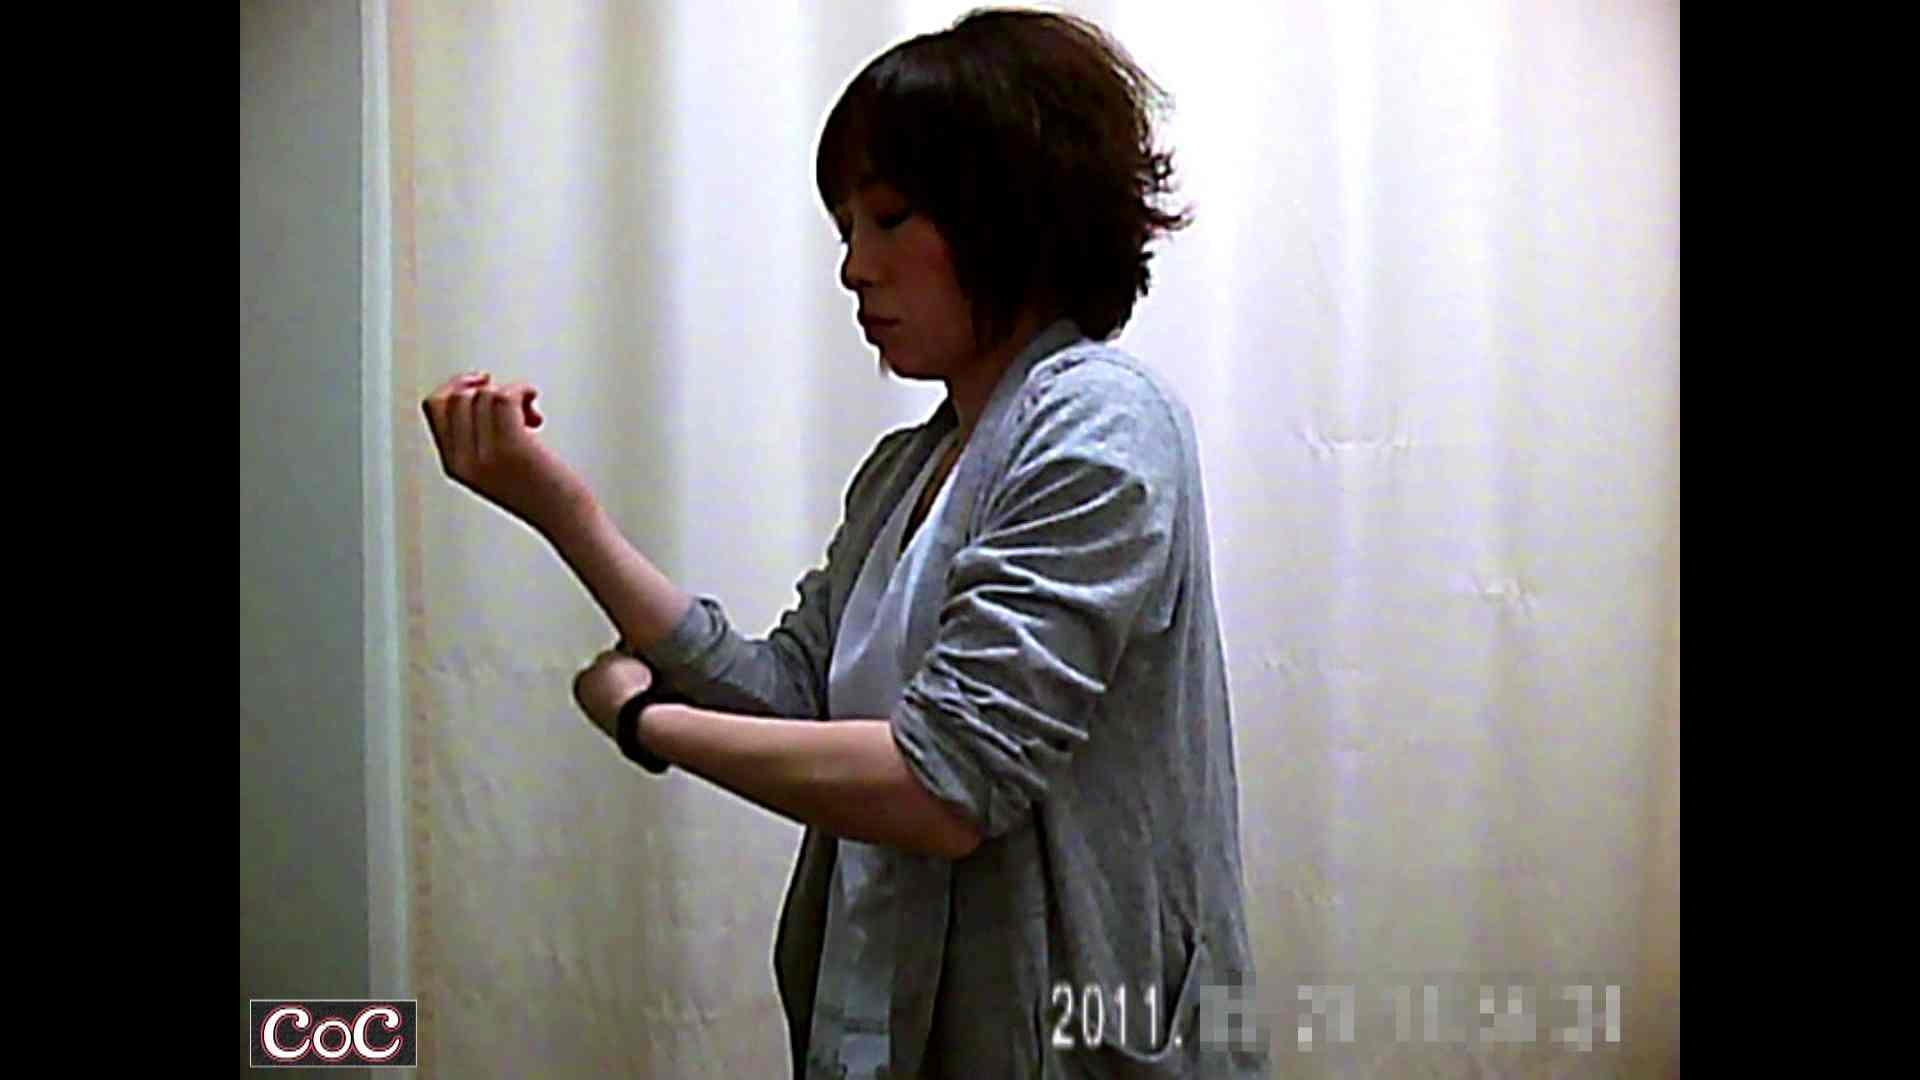 元医者による反抗 更衣室地獄絵巻 vol.164 OL  80pic 52